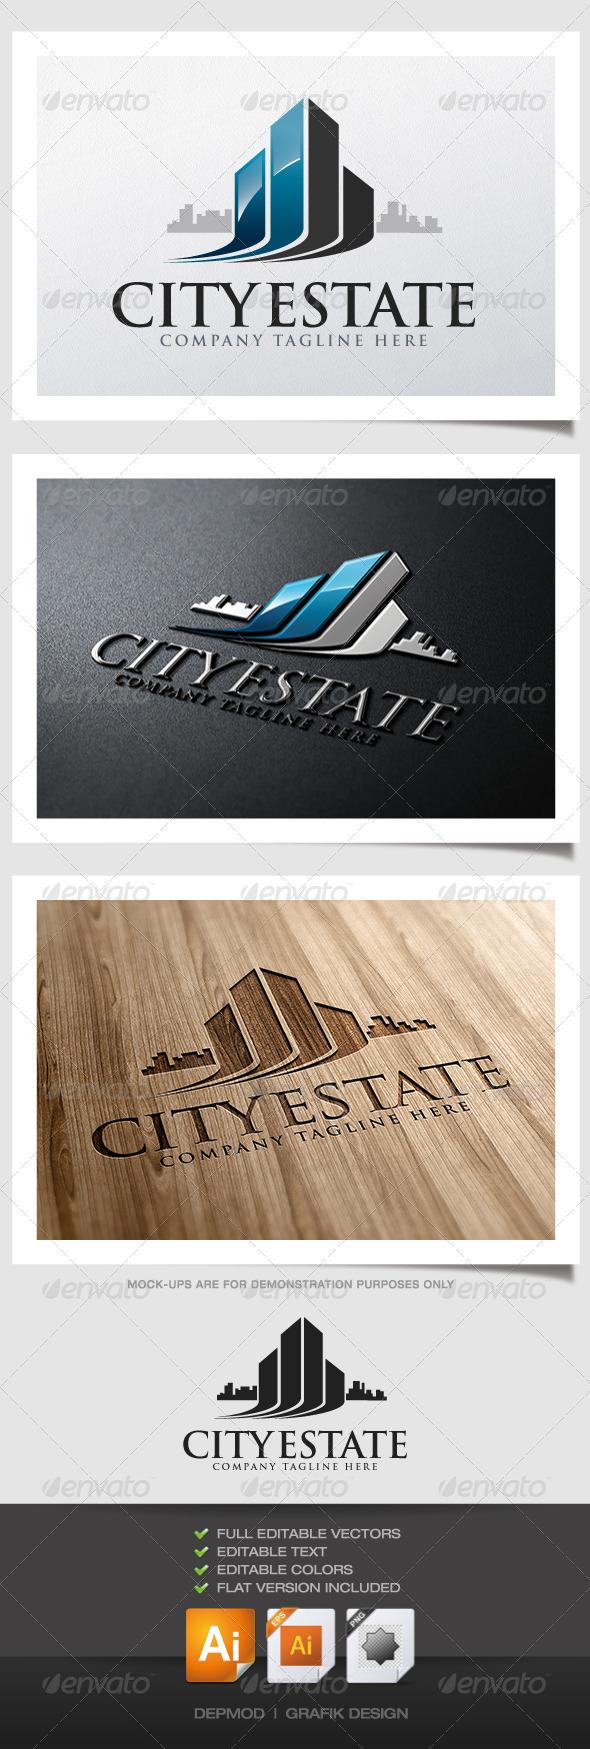 GraphicRiver City Estate Logo 4791296